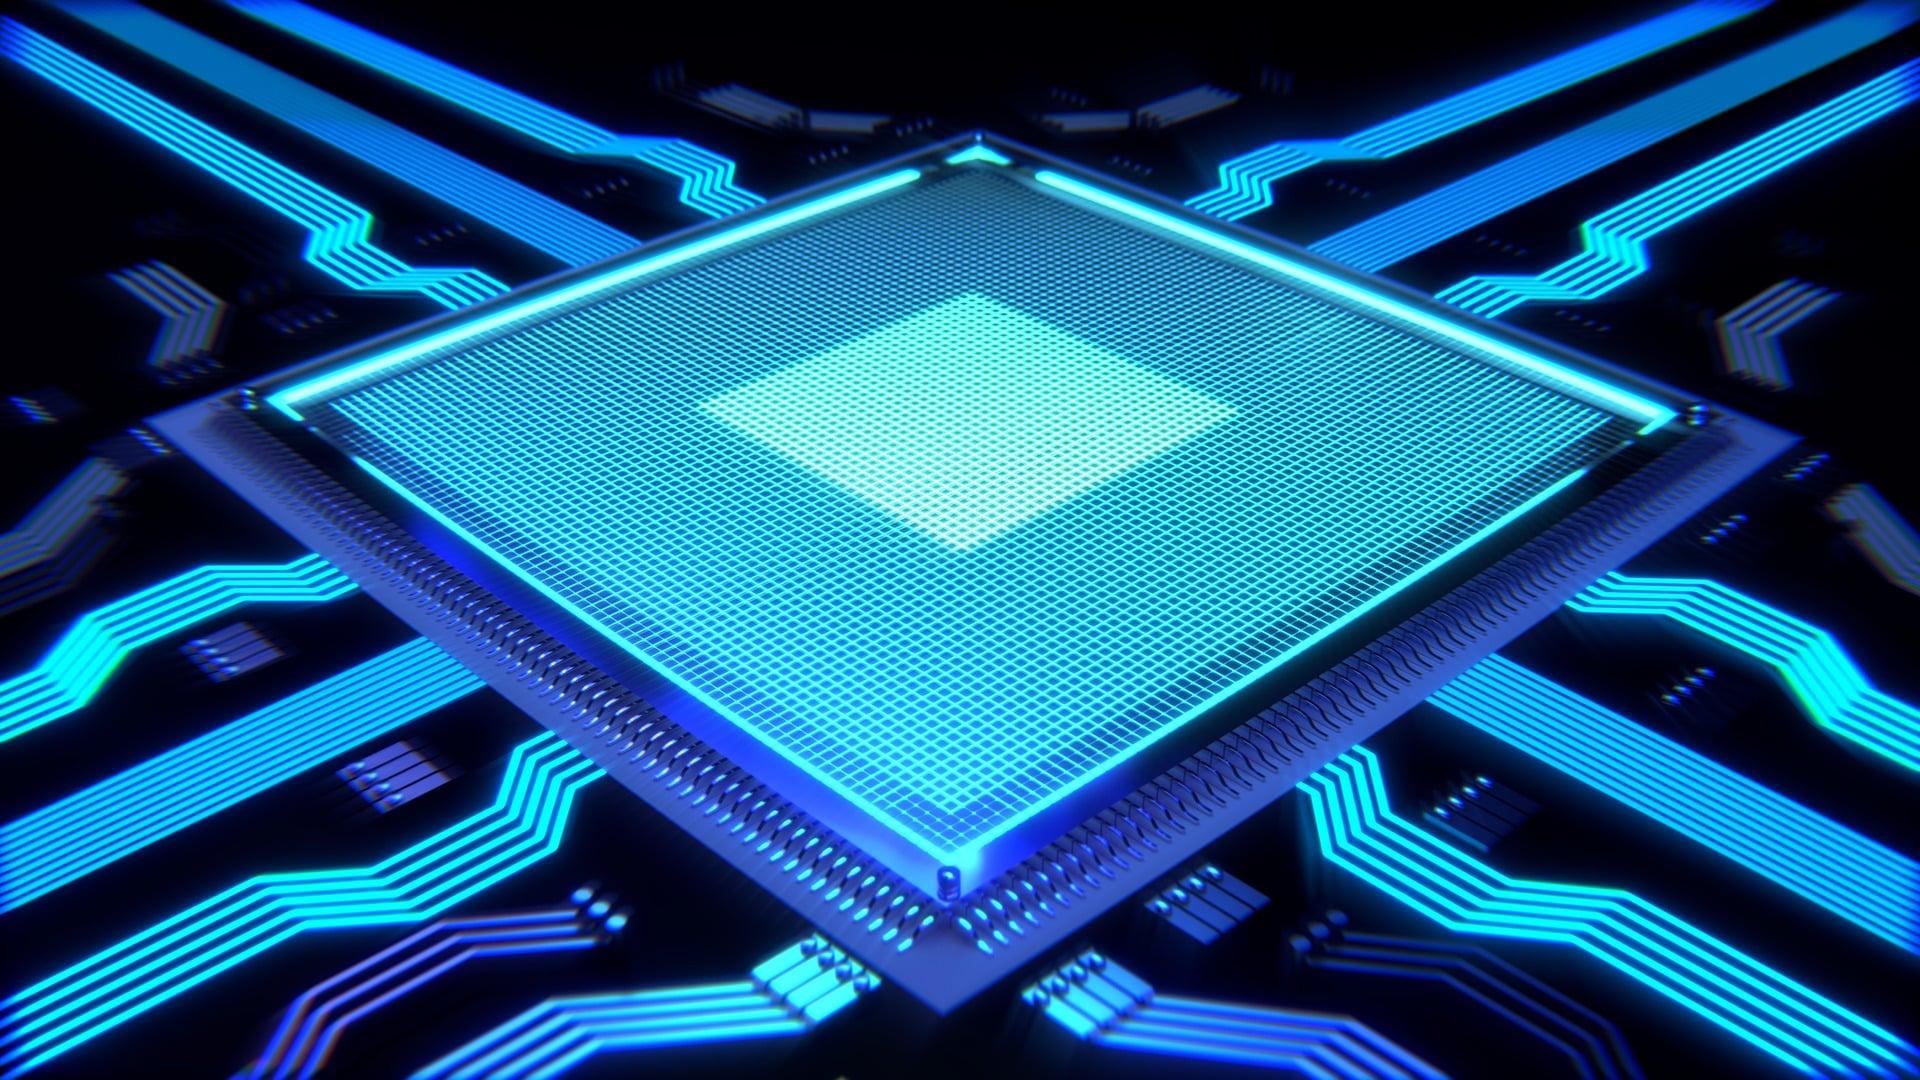 Co łączy Intela, Qualcomma oraz Samsunga? Wszystkie te firmy zainwestowały w SiFive 20